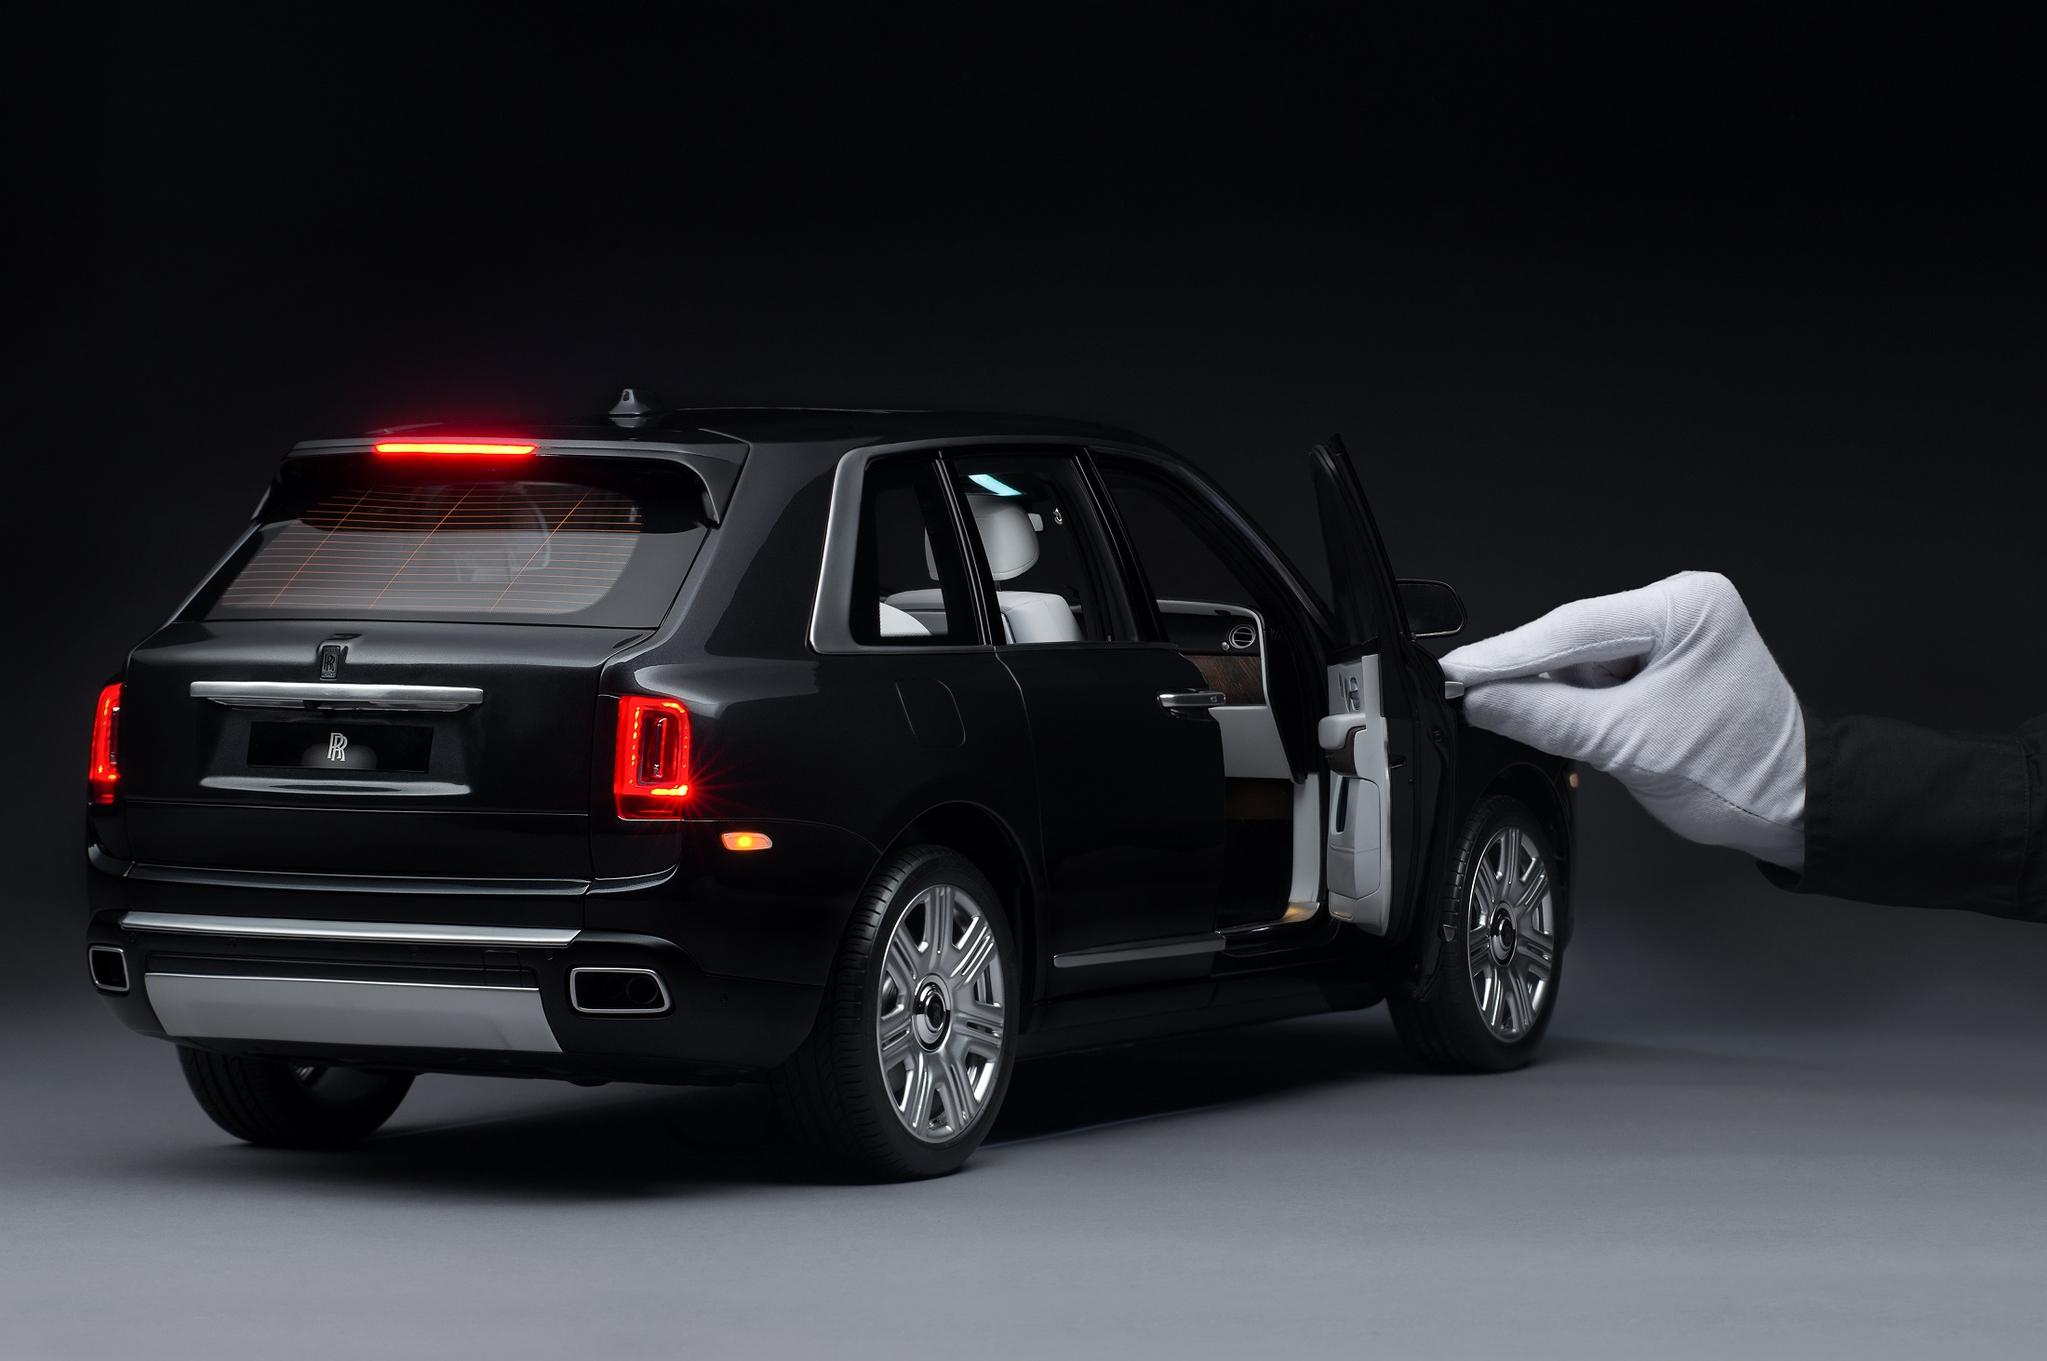 초고가 럭셔리 자동차의 대명사인 롤스로이스가 2000만원대 모형 자동차를 내놨다. 실차의 모든 요소를 빠짐없이 정밀하게 재현한 게 특징이다. 사진 롤스로이스 모터카